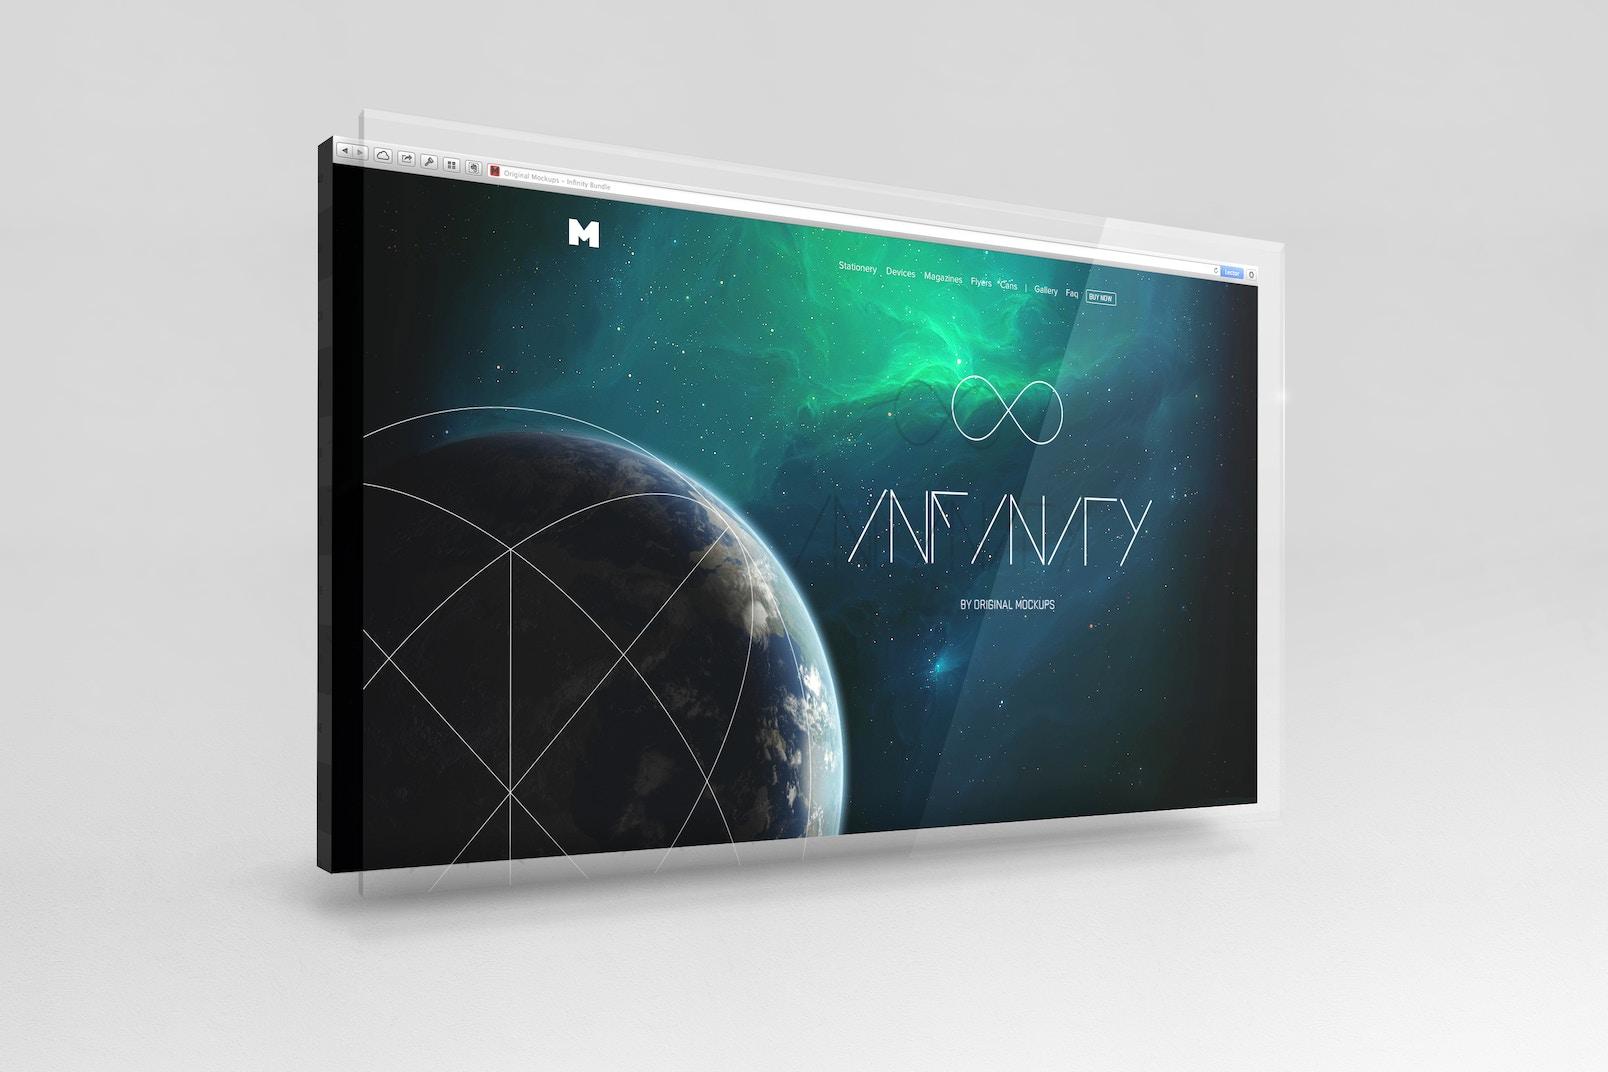 UI Display Mockup 3